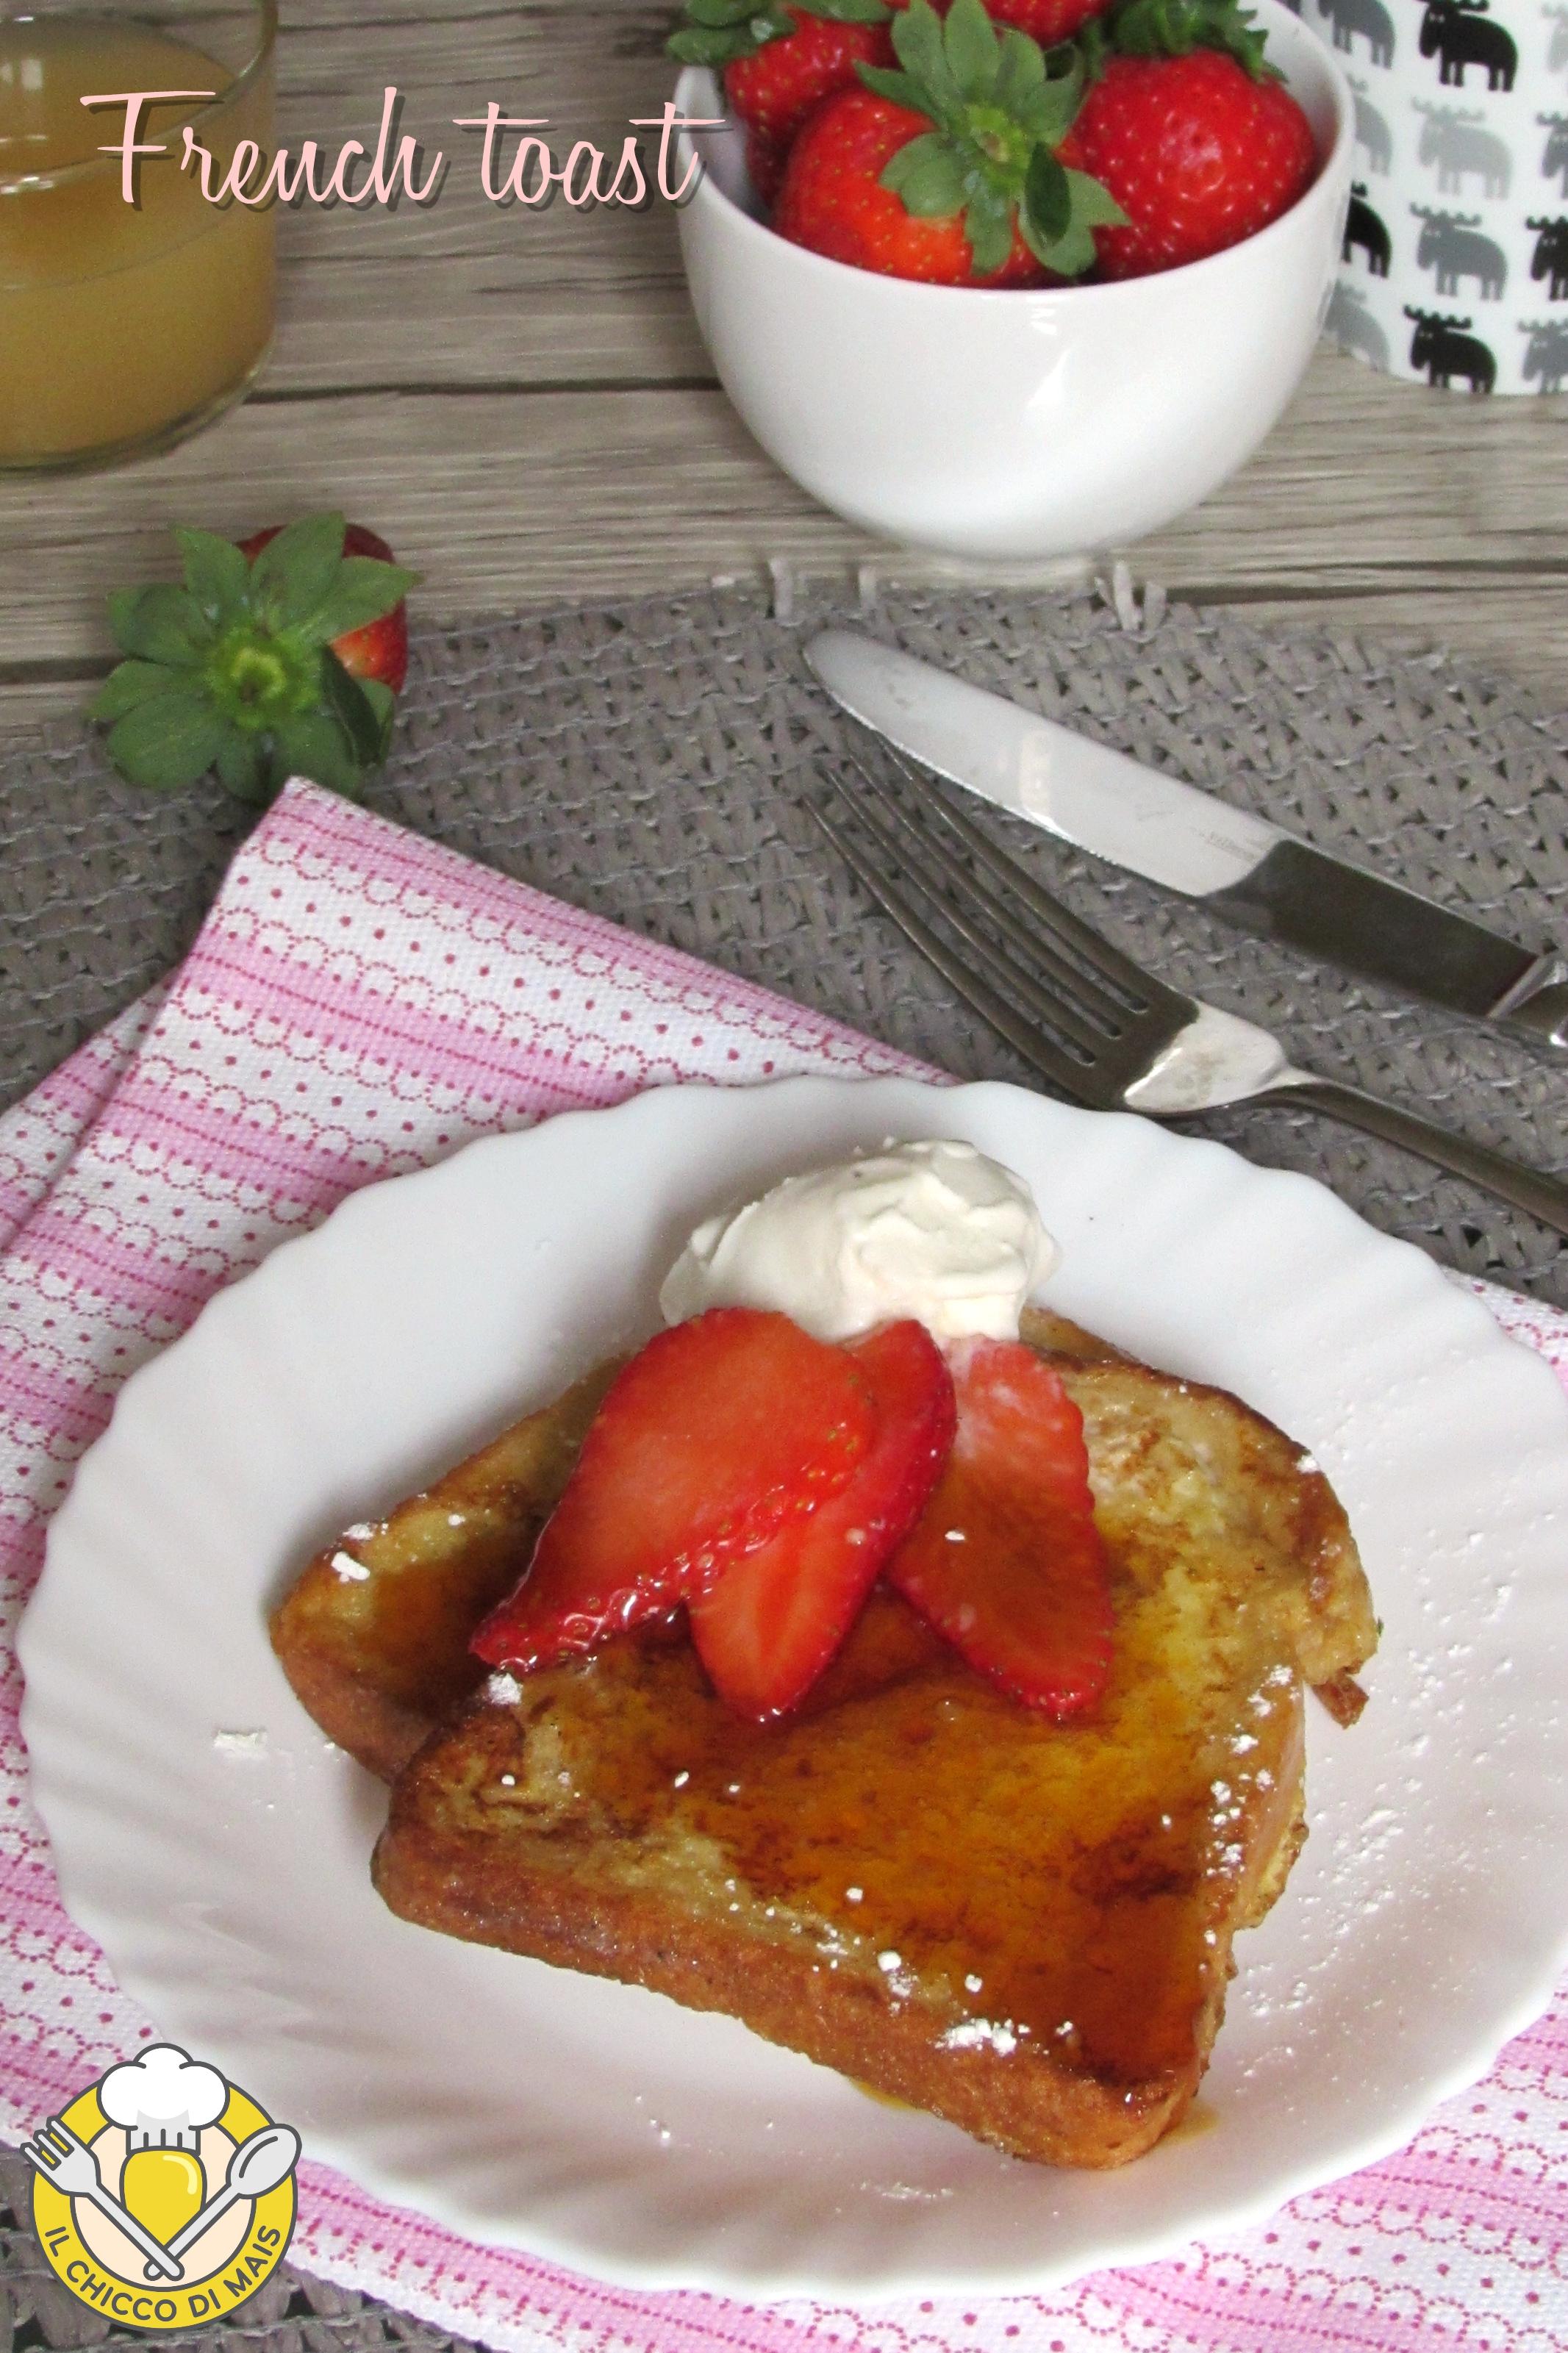 verticale_french toast ricetta pane fritto dorato per colazione americana il chicco di mais